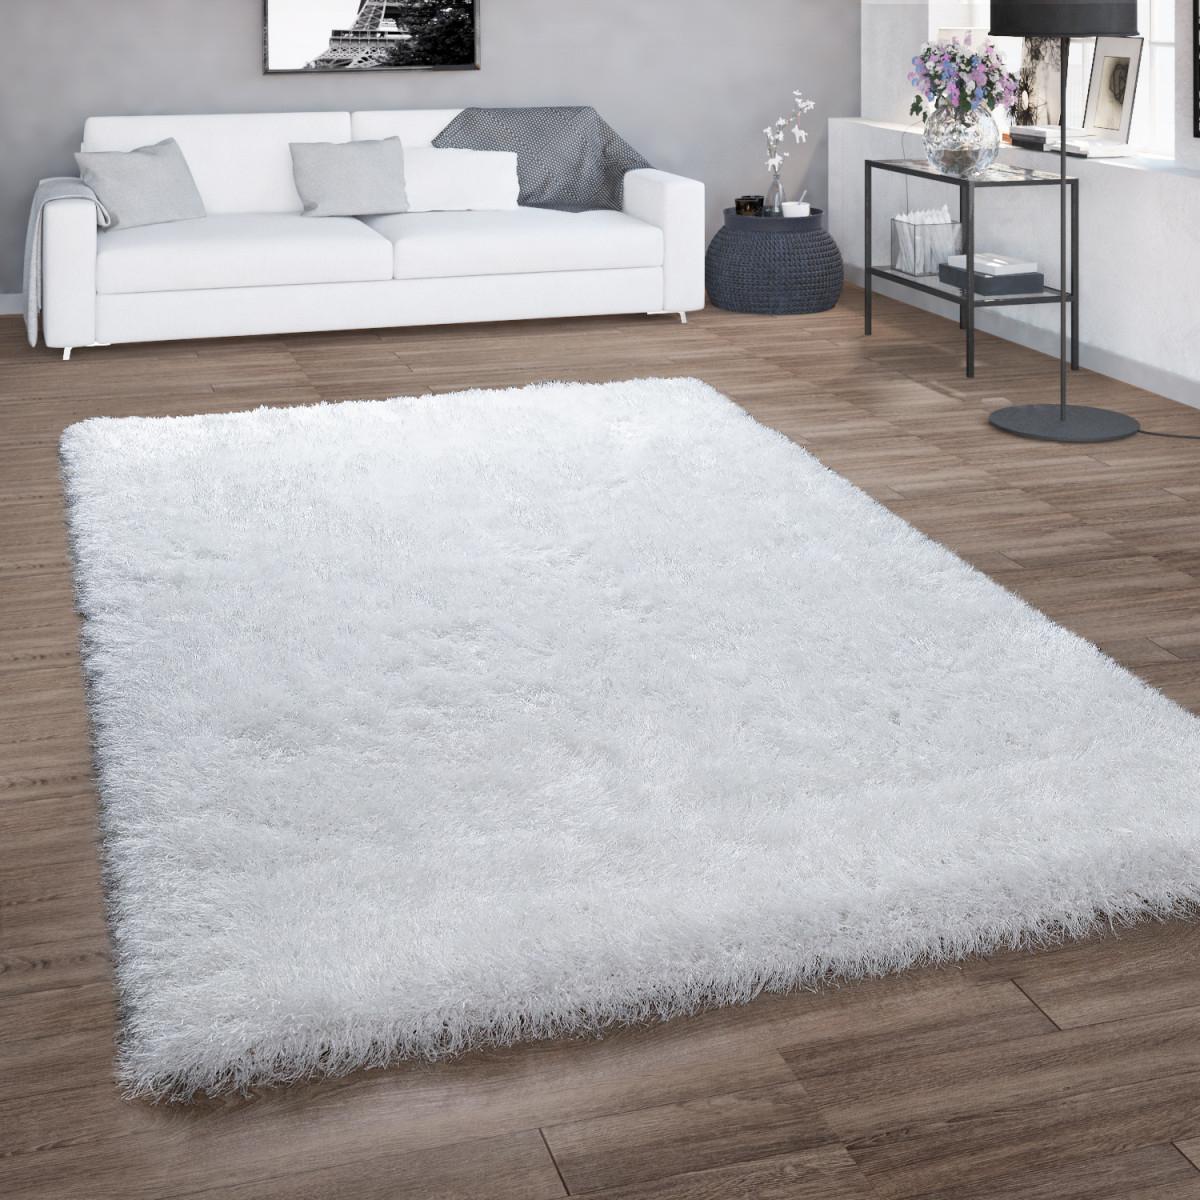 Hochflorteppich Shaggy Für Wohnzimmer Mit Glitzergarn Einfarbig In Weiß von Teppich Wohnzimmer Weiß Photo